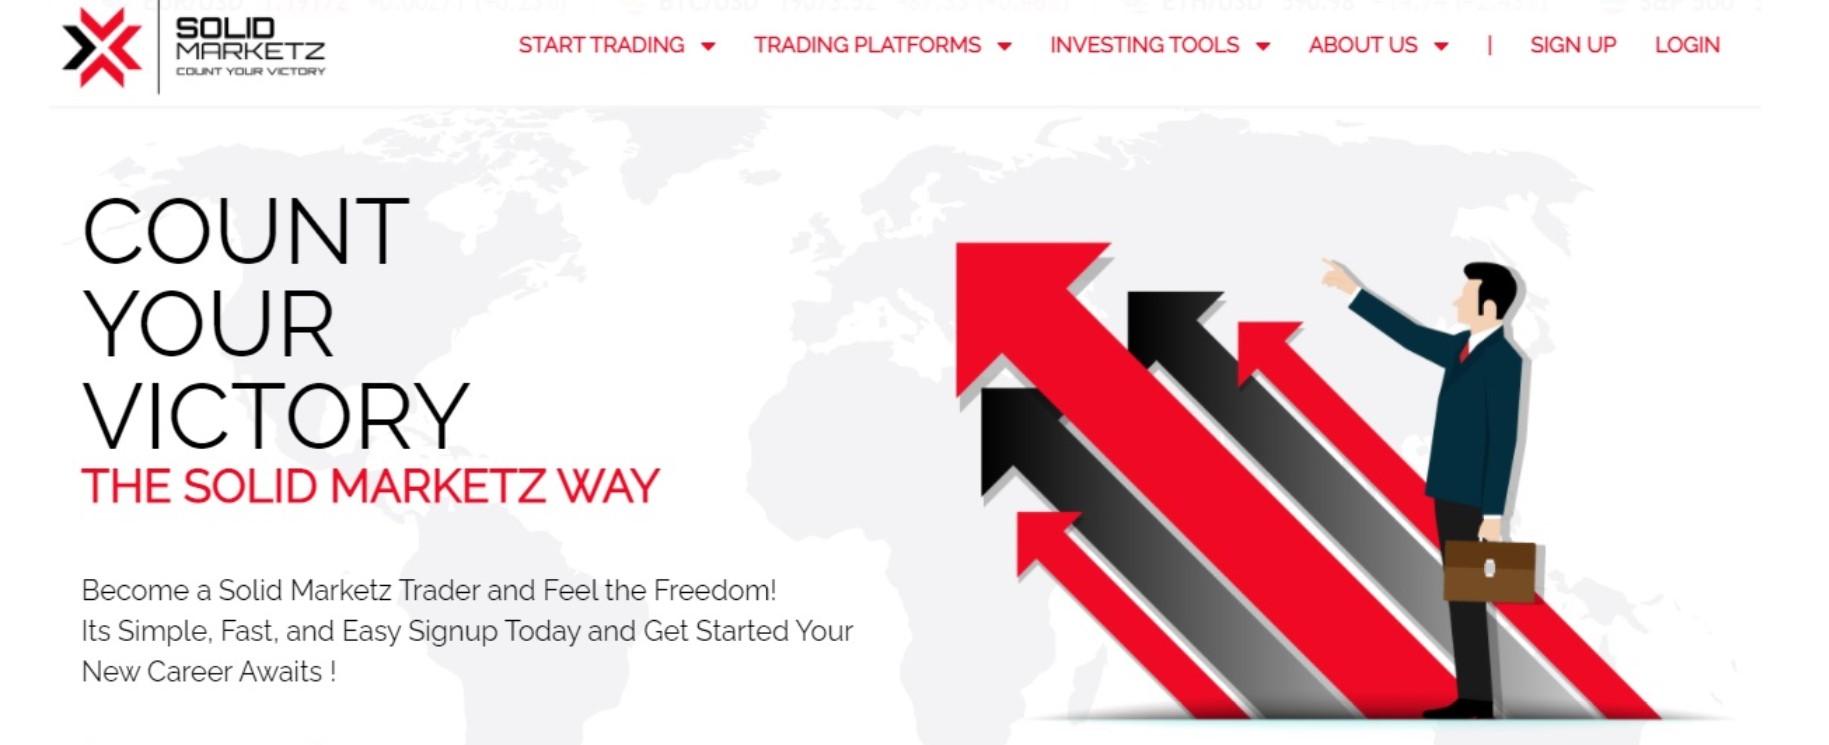 Solid Marketz website